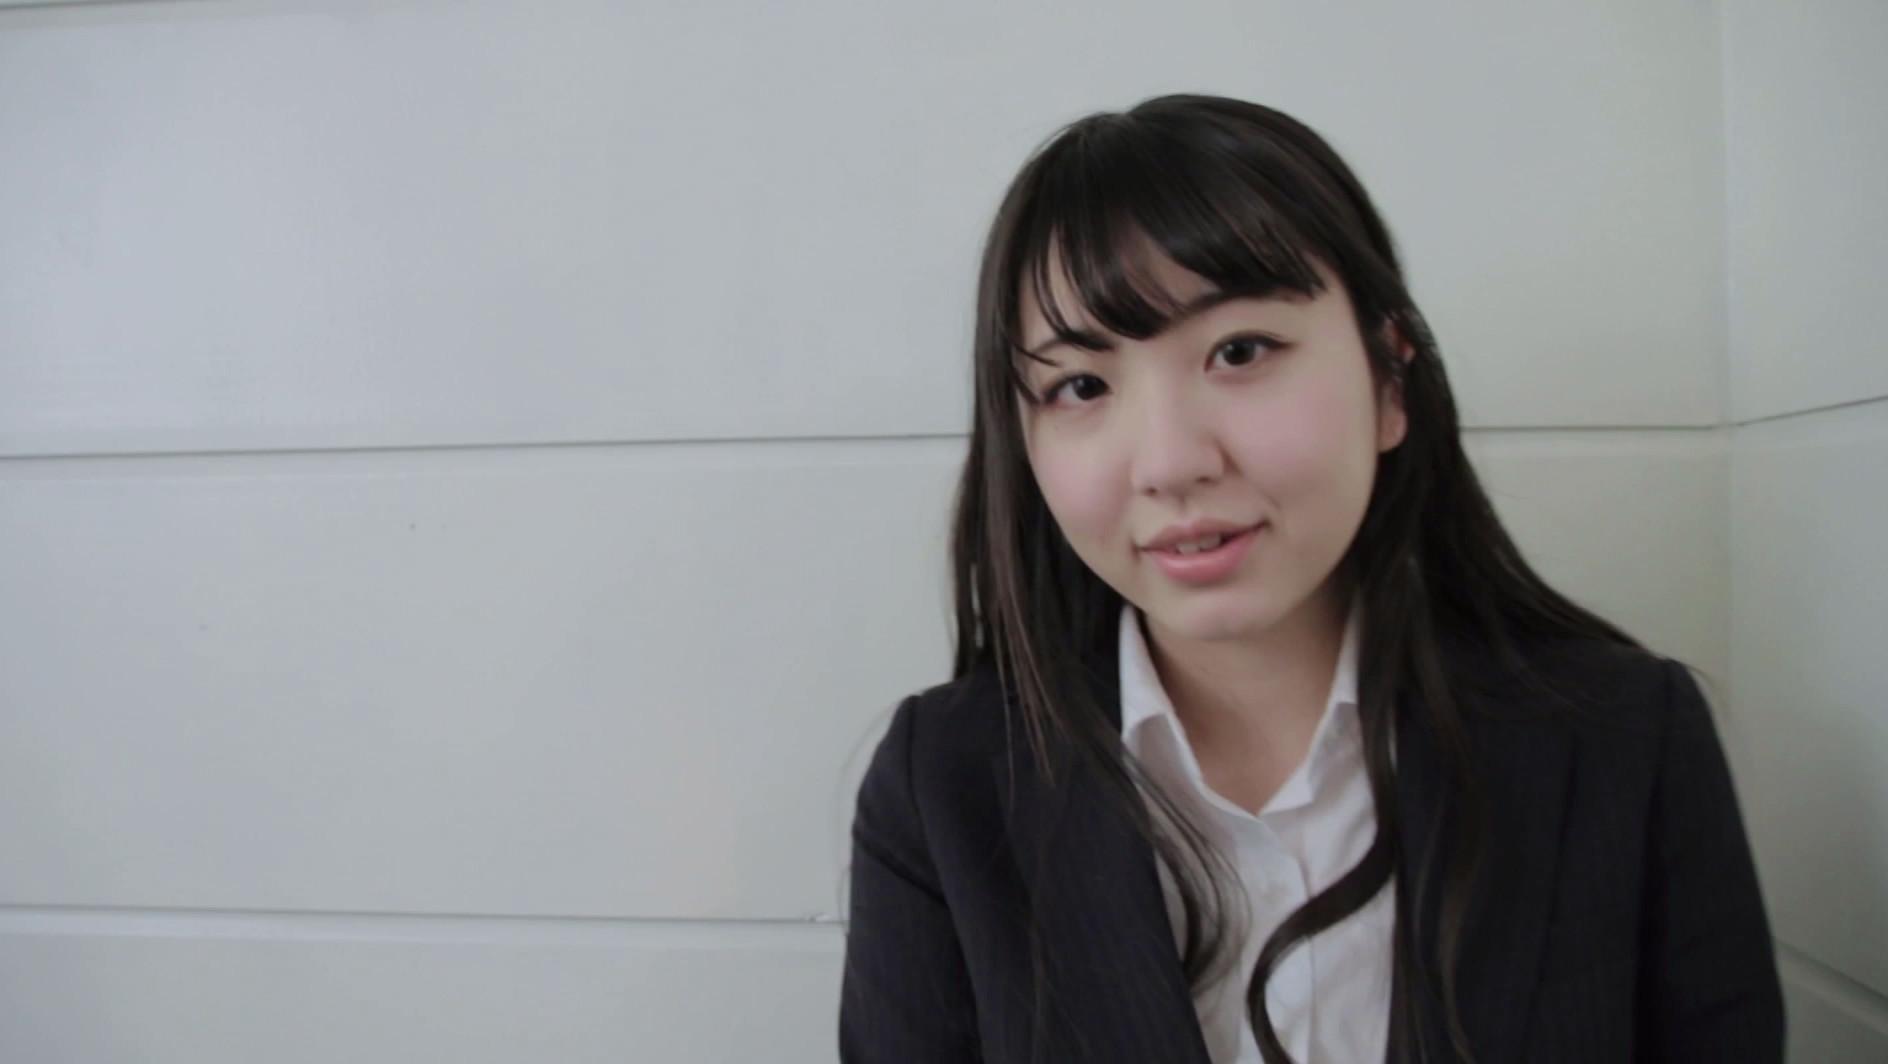 制服美少女天国 椎名香奈江16